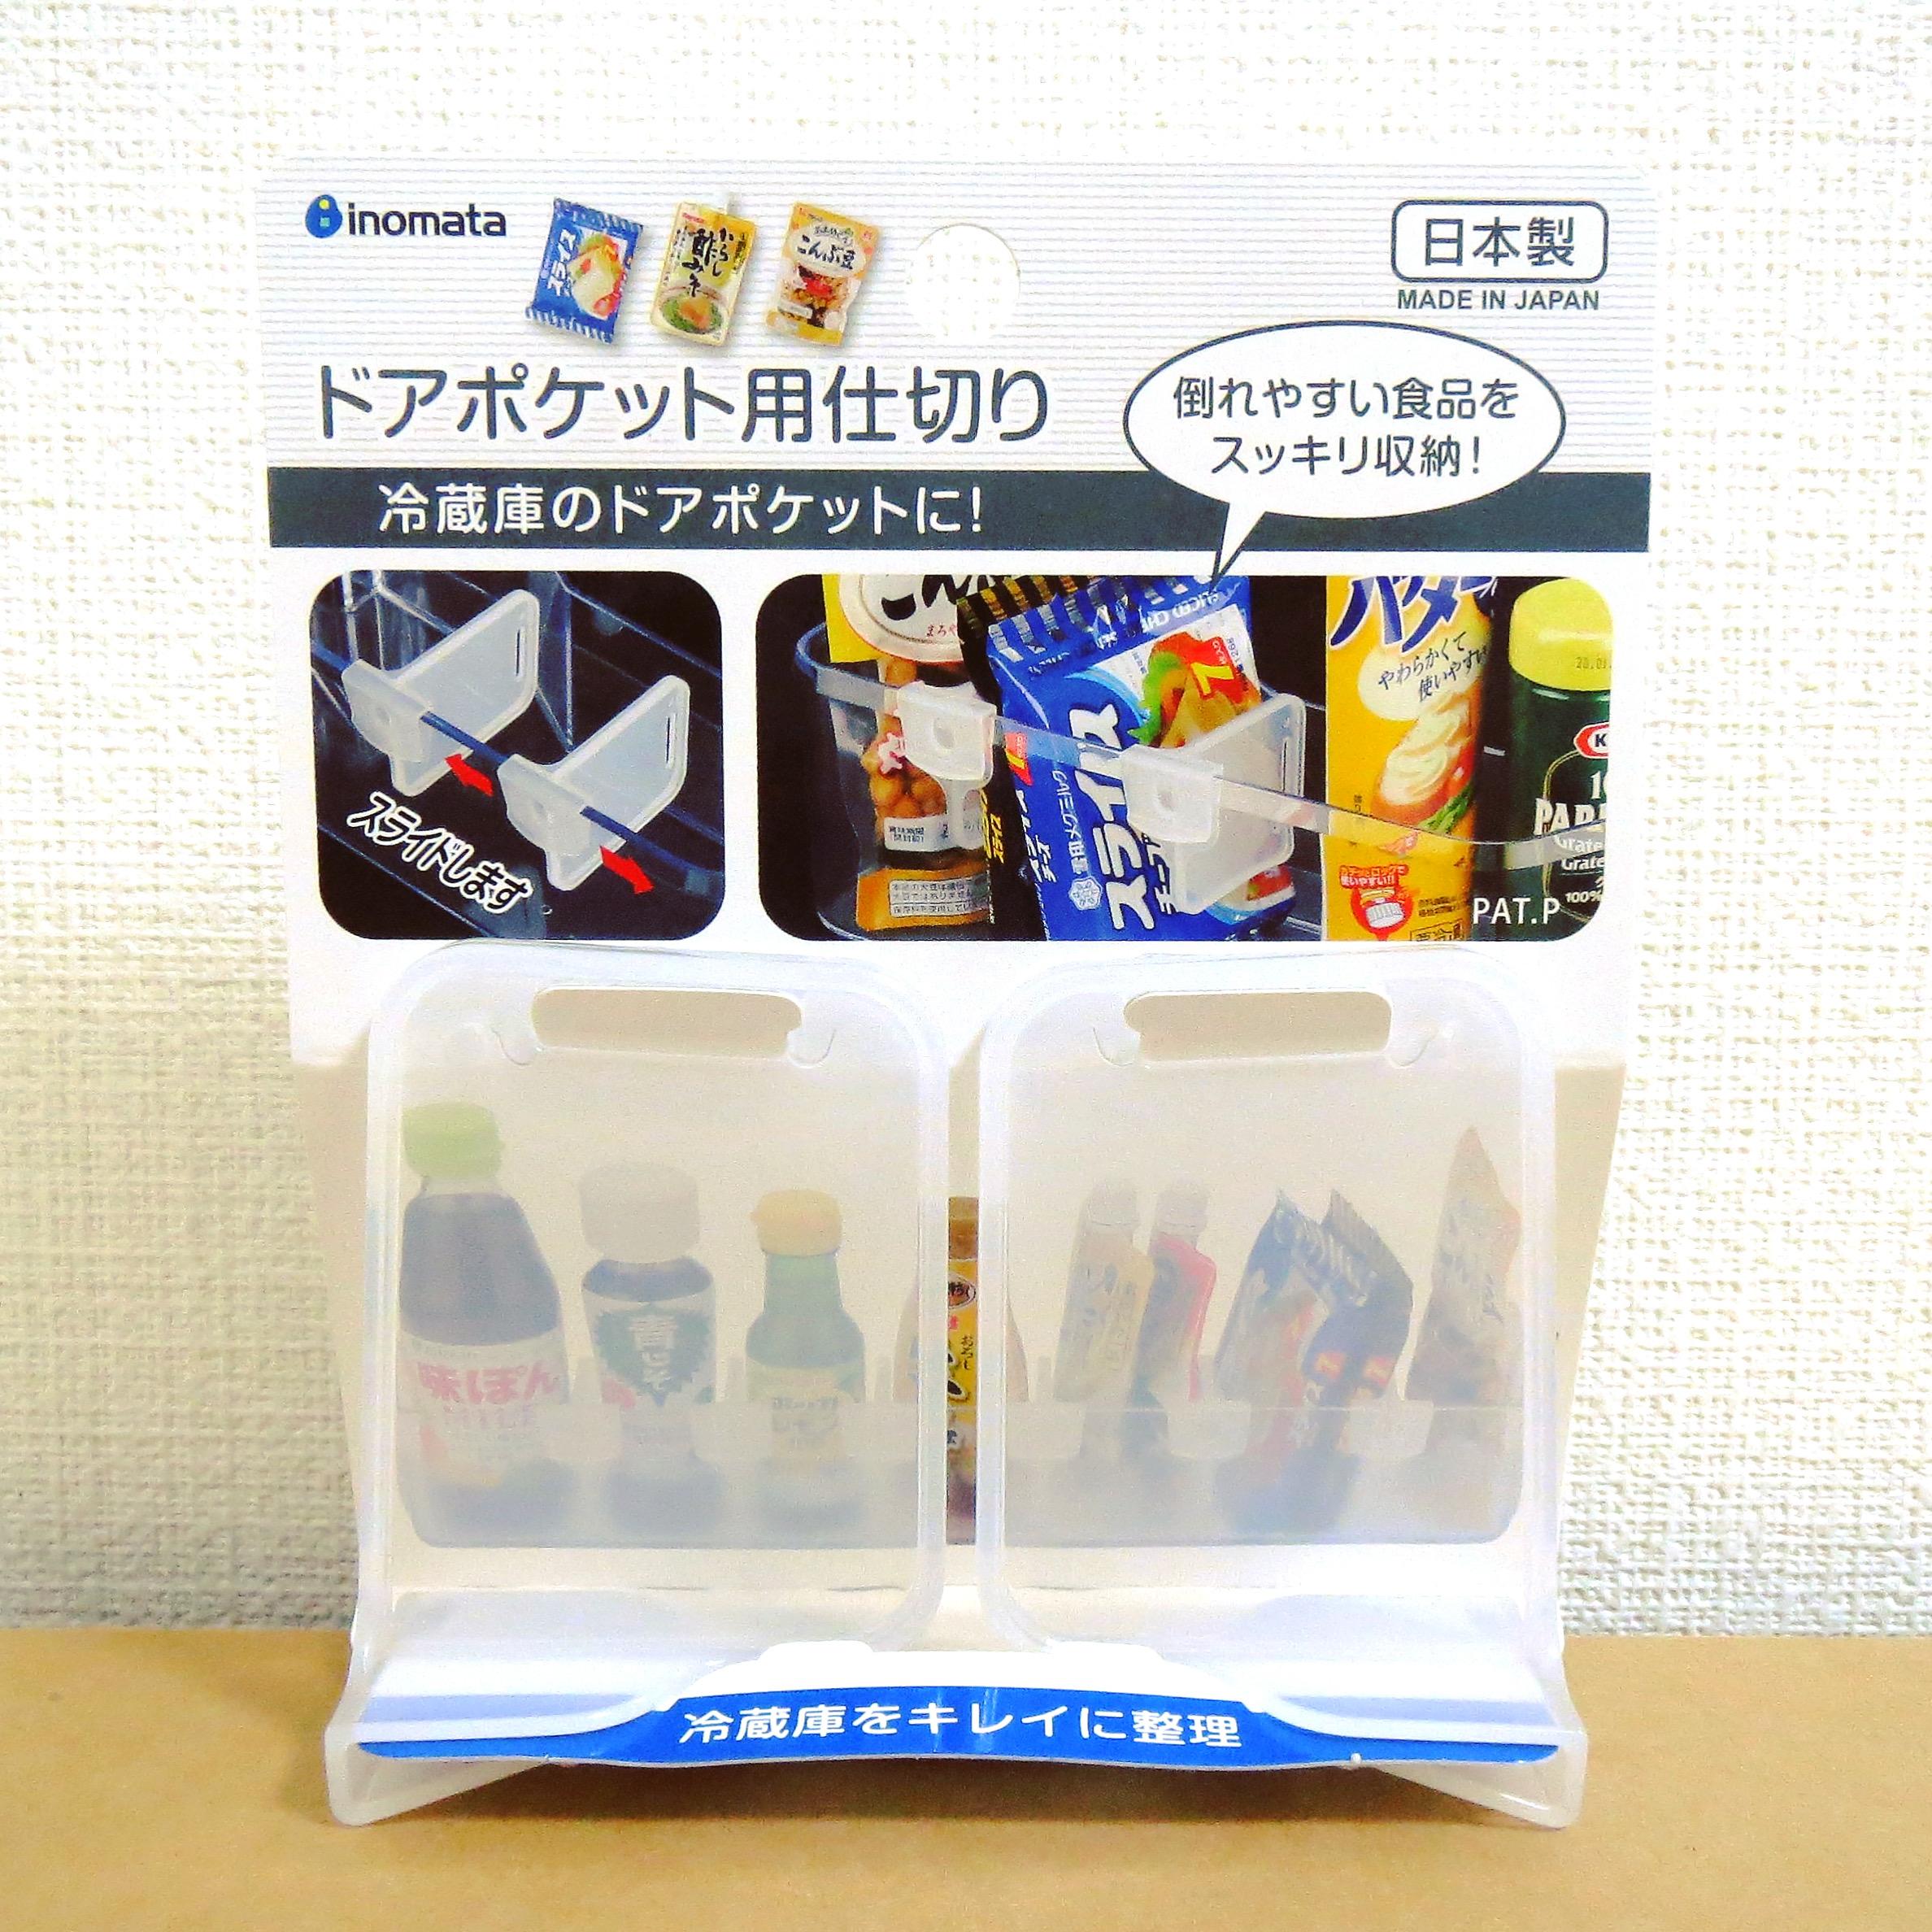 ドアポケット用仕切り(ダイソー・セリア・キャンドゥ)